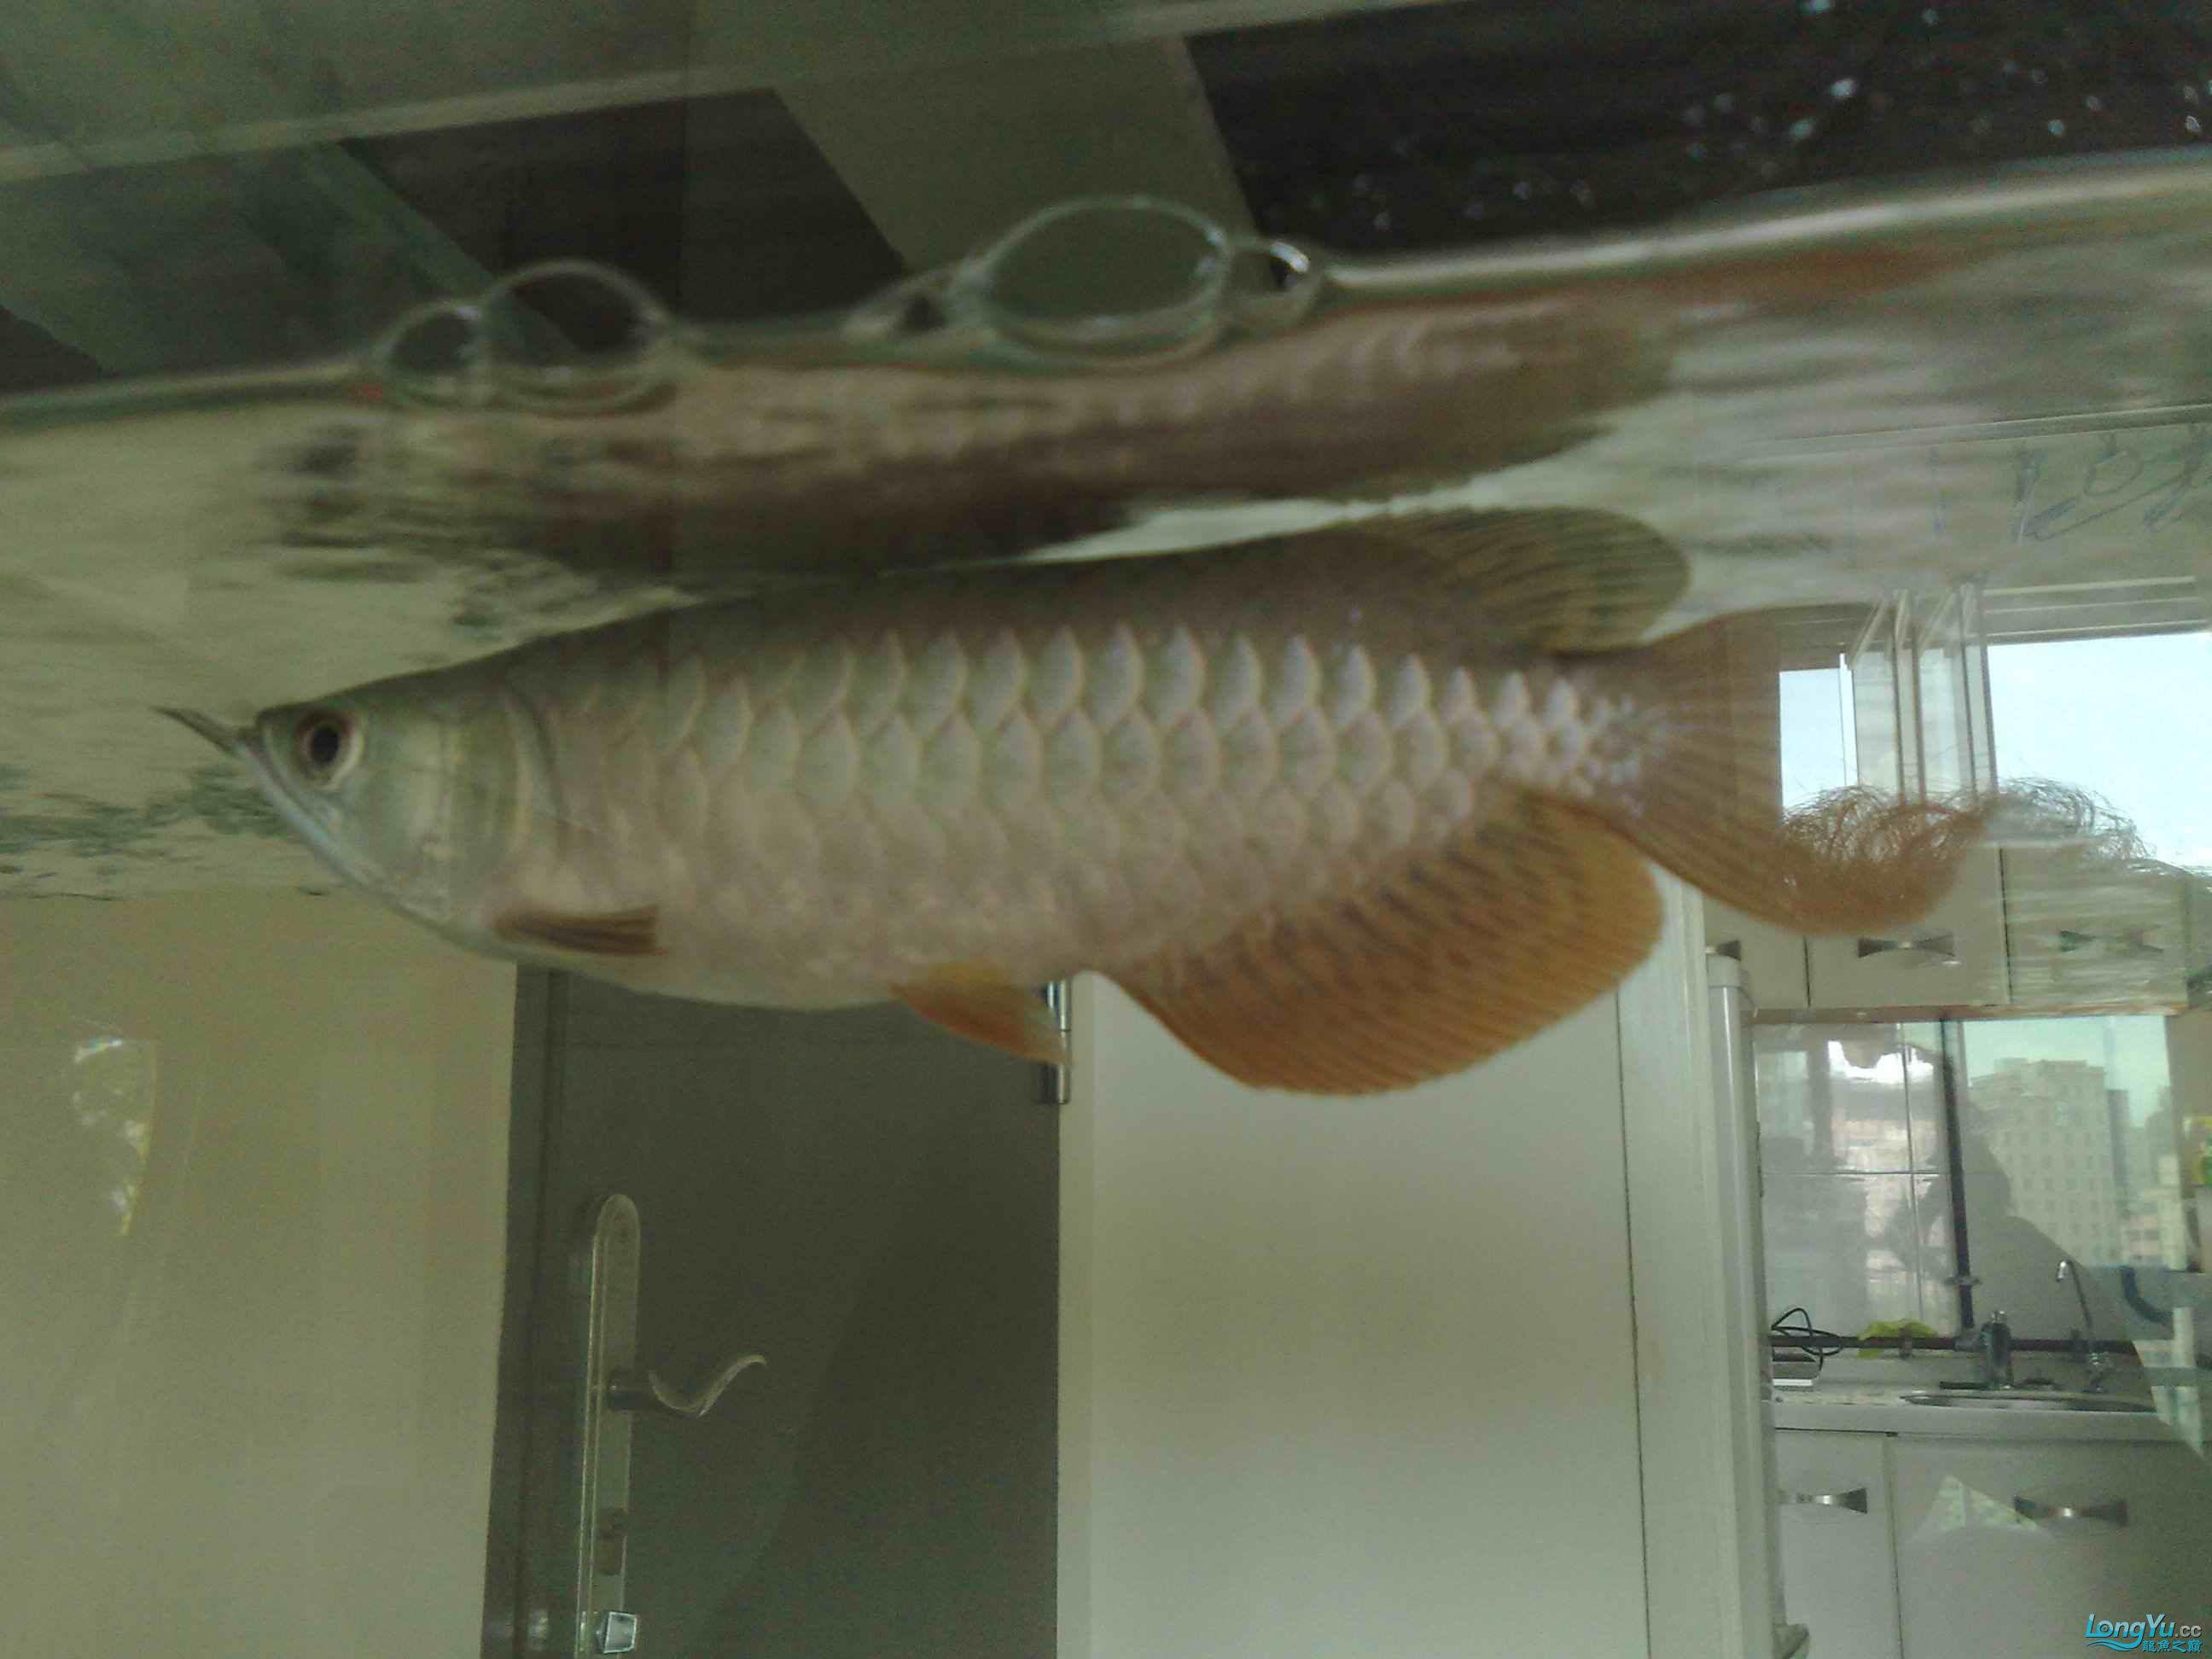 小宝石是否开始爬框了 重庆观赏鱼 重庆水族批发市场第1张